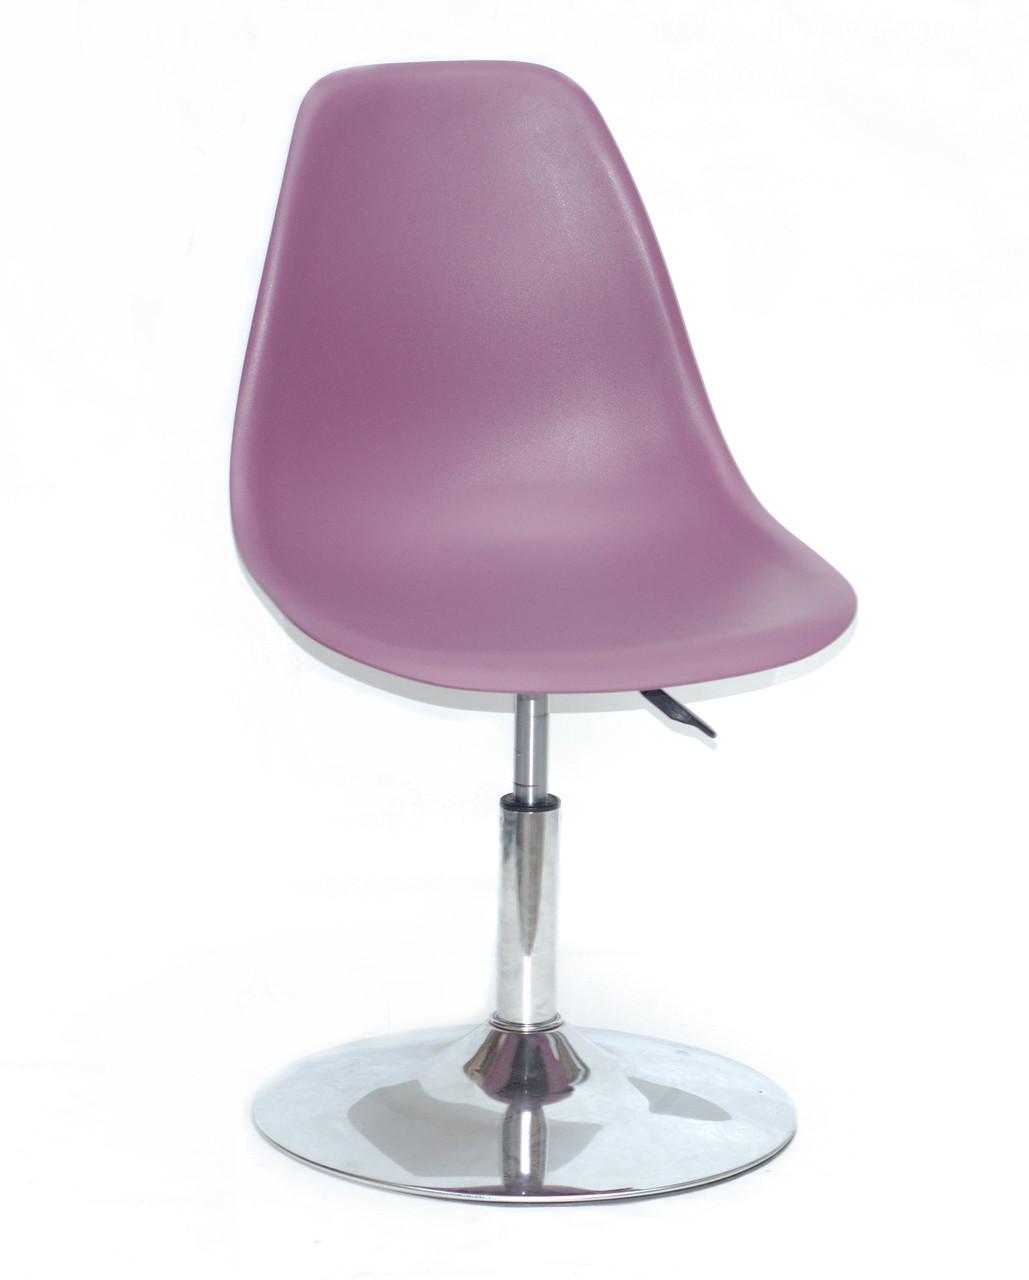 Стул поворотный на одной ножке регулируемый   Nik  CH-Base Onder Mebli, цвет пурпурный 62